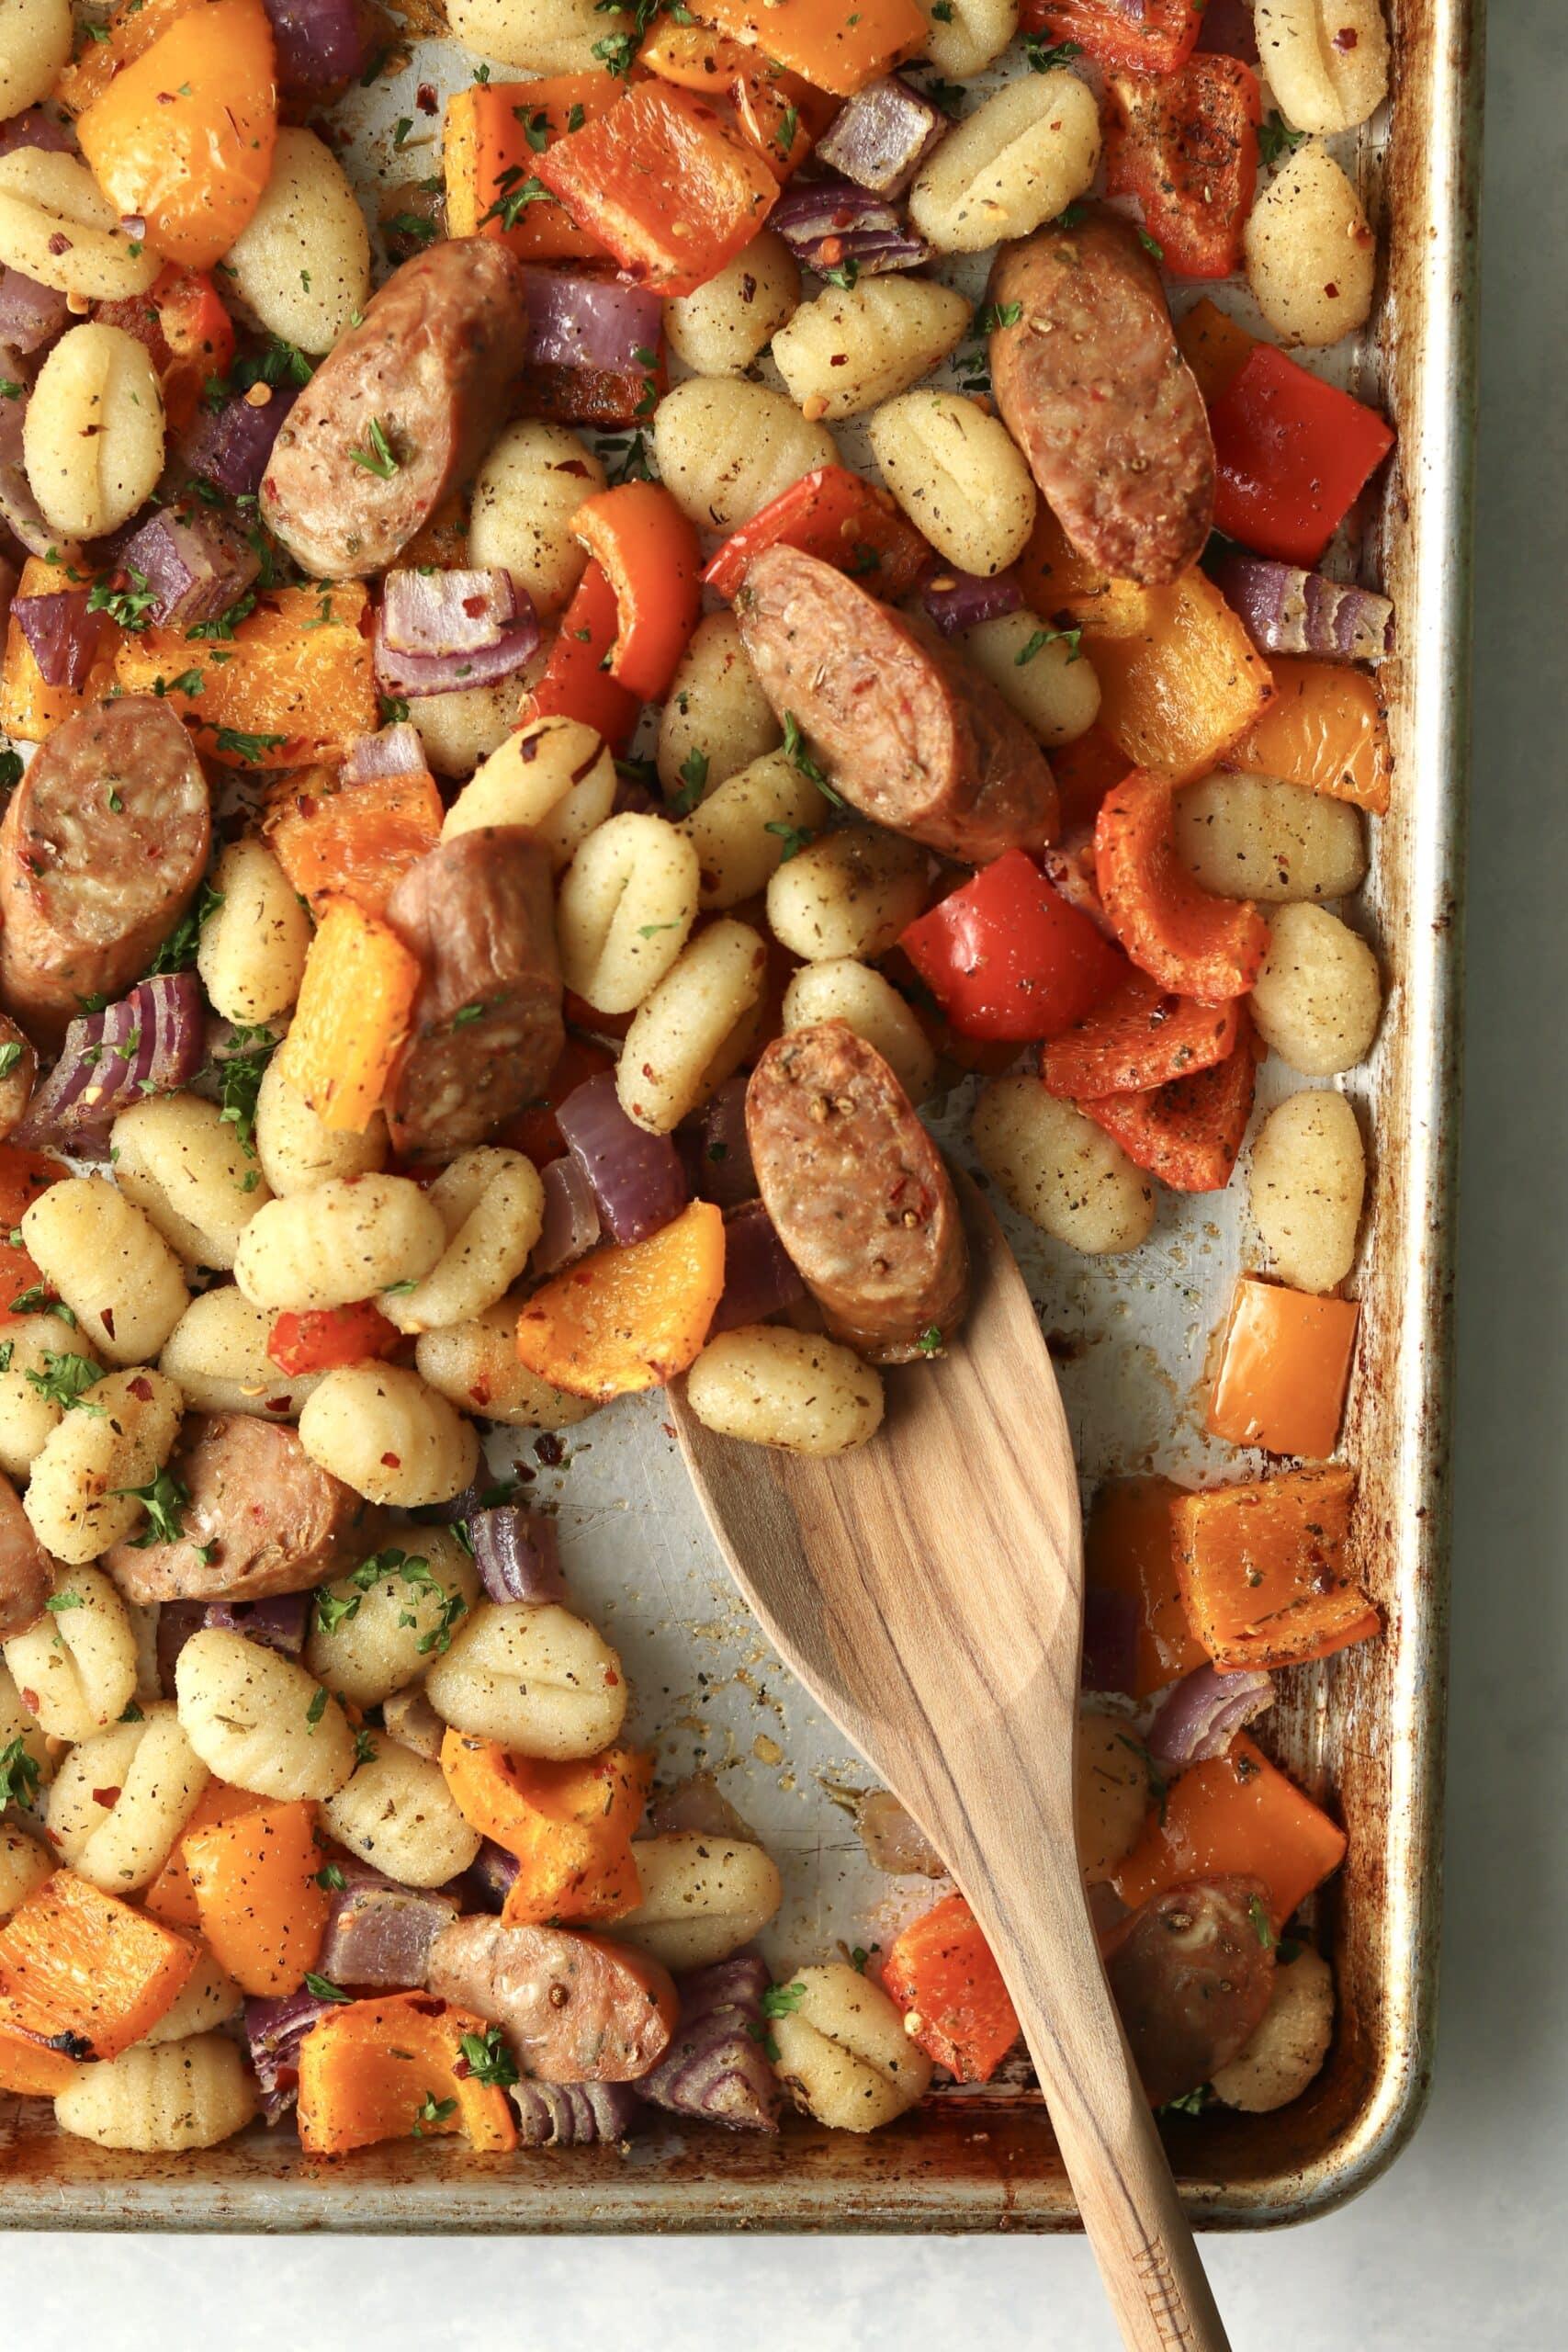 sausage and veggies on sheet pan